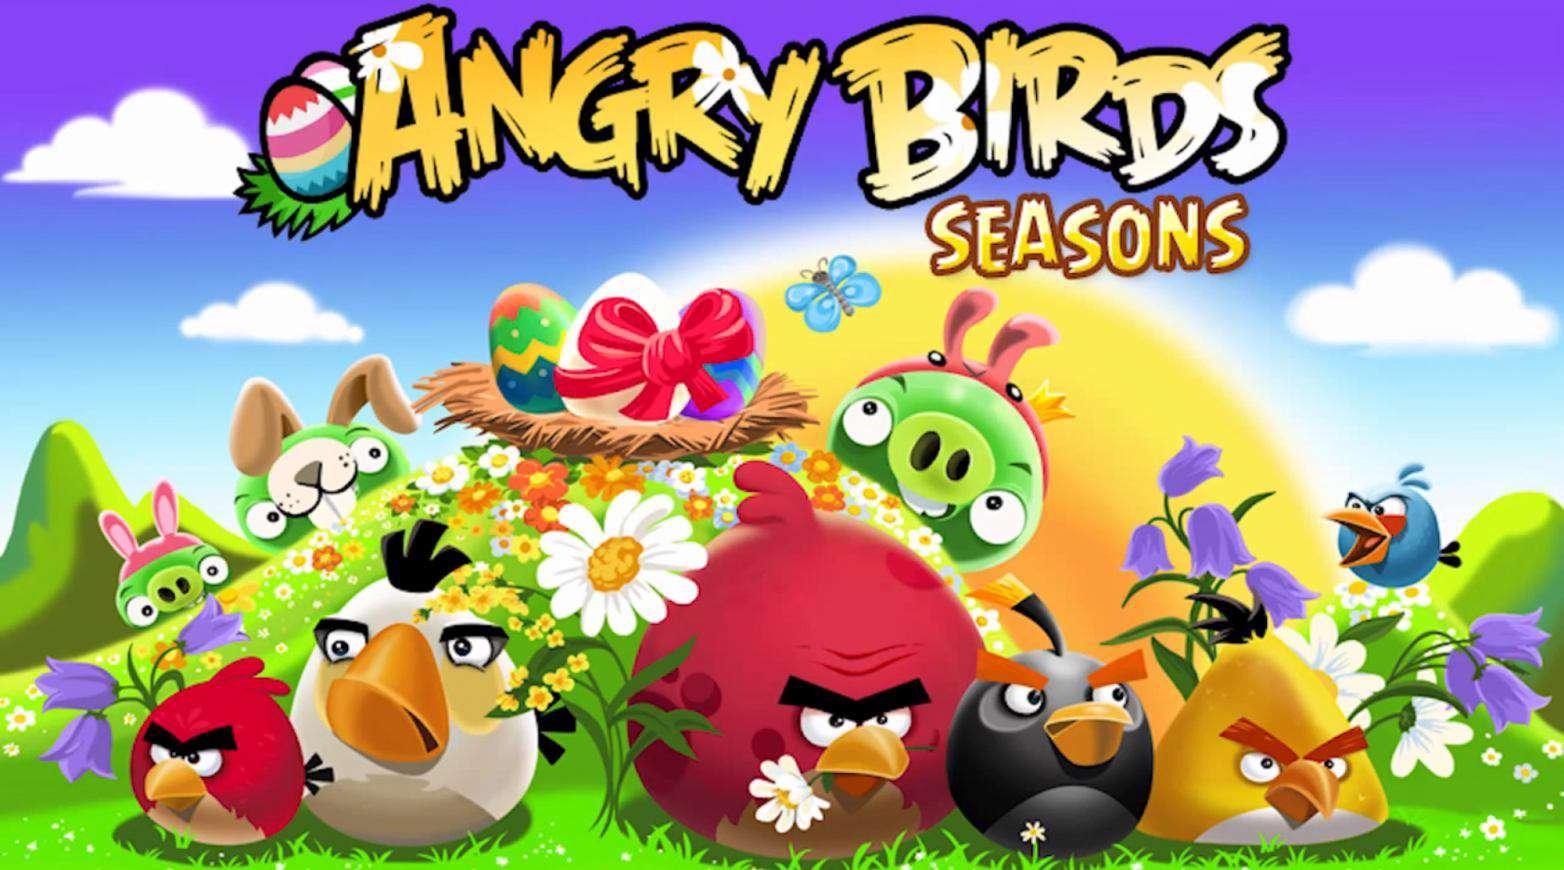 دانلود بازی محبوب و سرگرم کننده پرندگان خشمگین Angry Birds Seasons 6.3.1